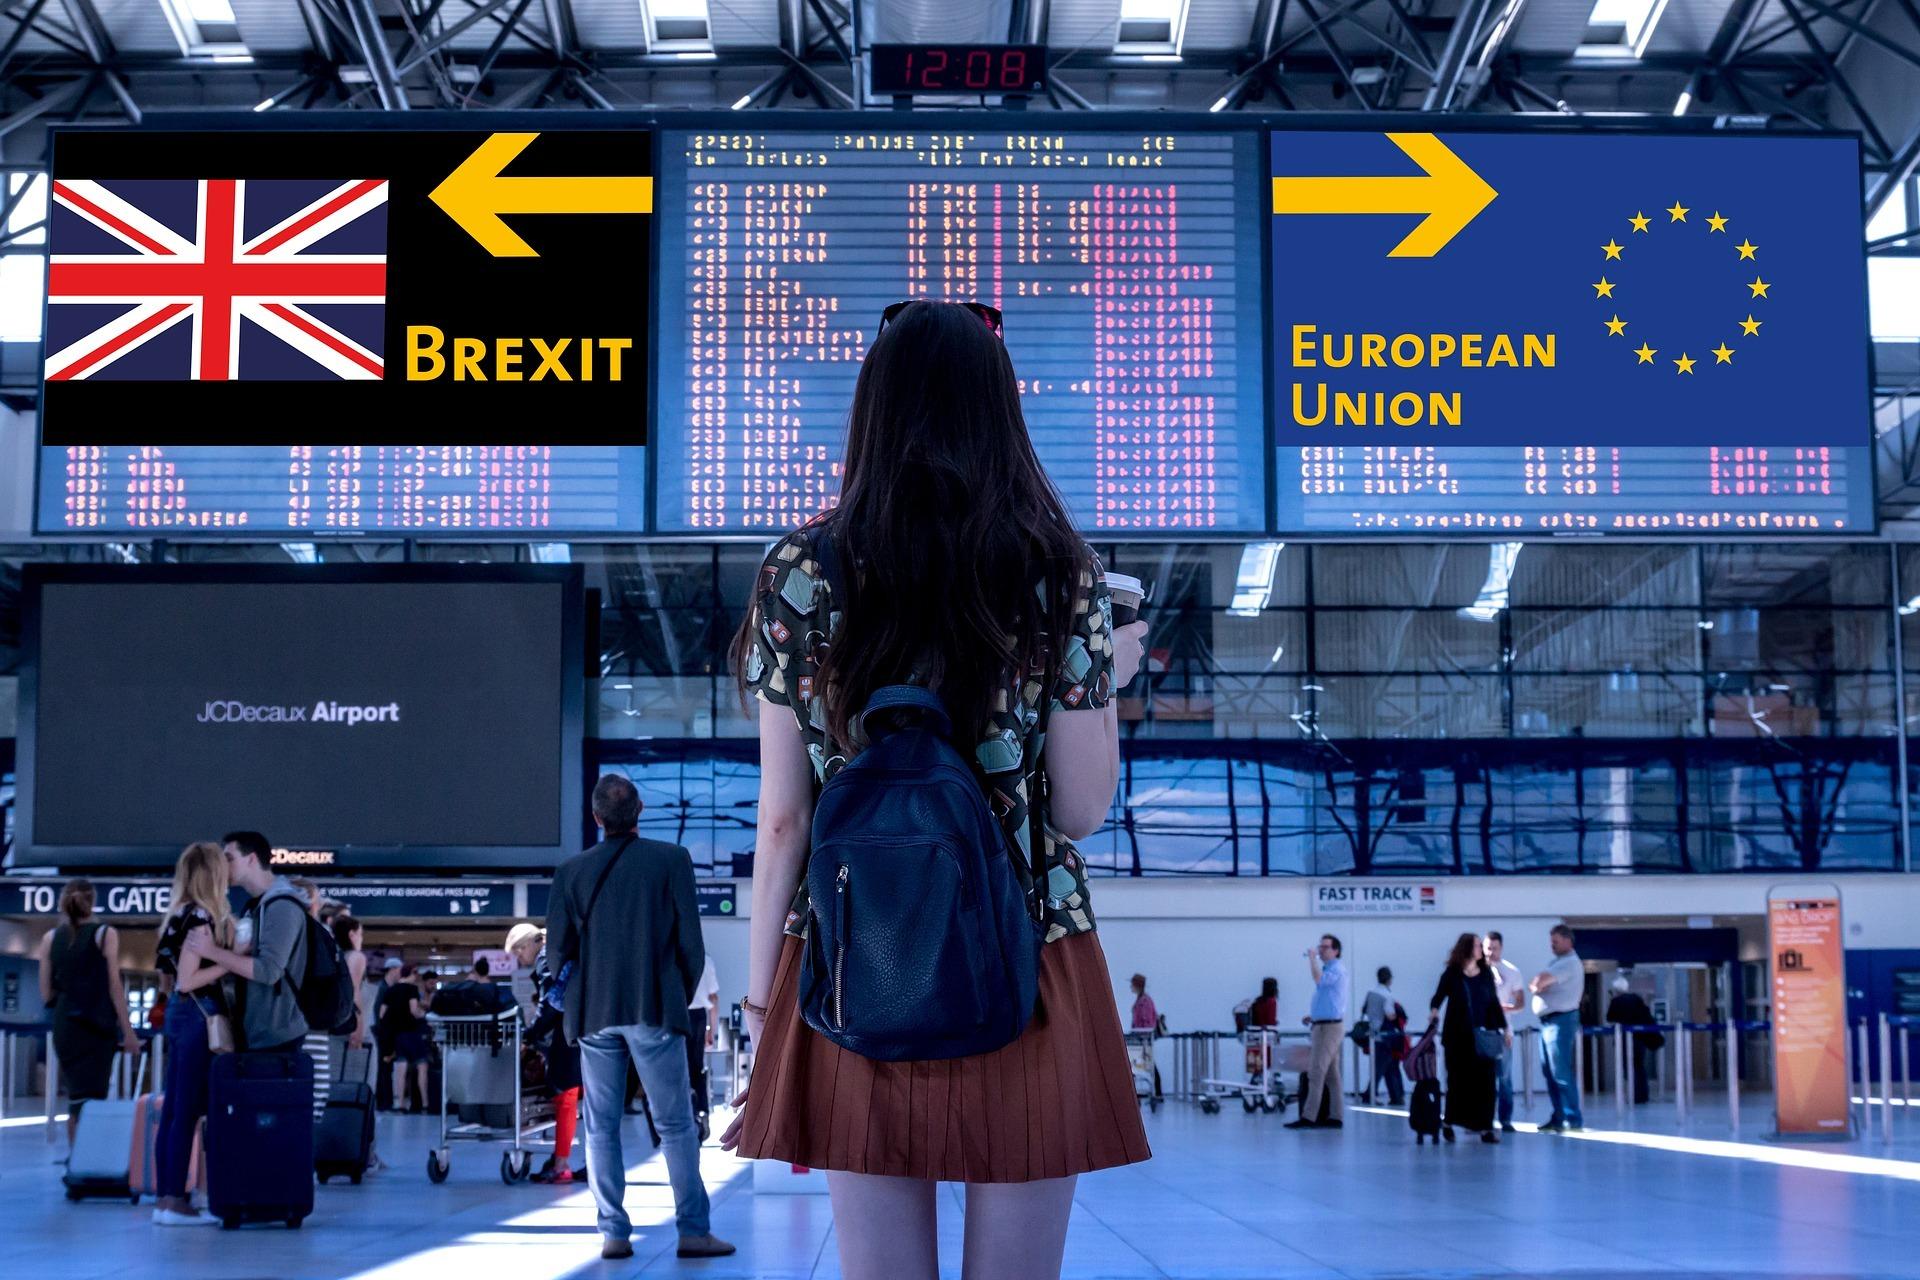 歐盟同意英國延期至5月22日,這款產品迅速在當地熱銷!